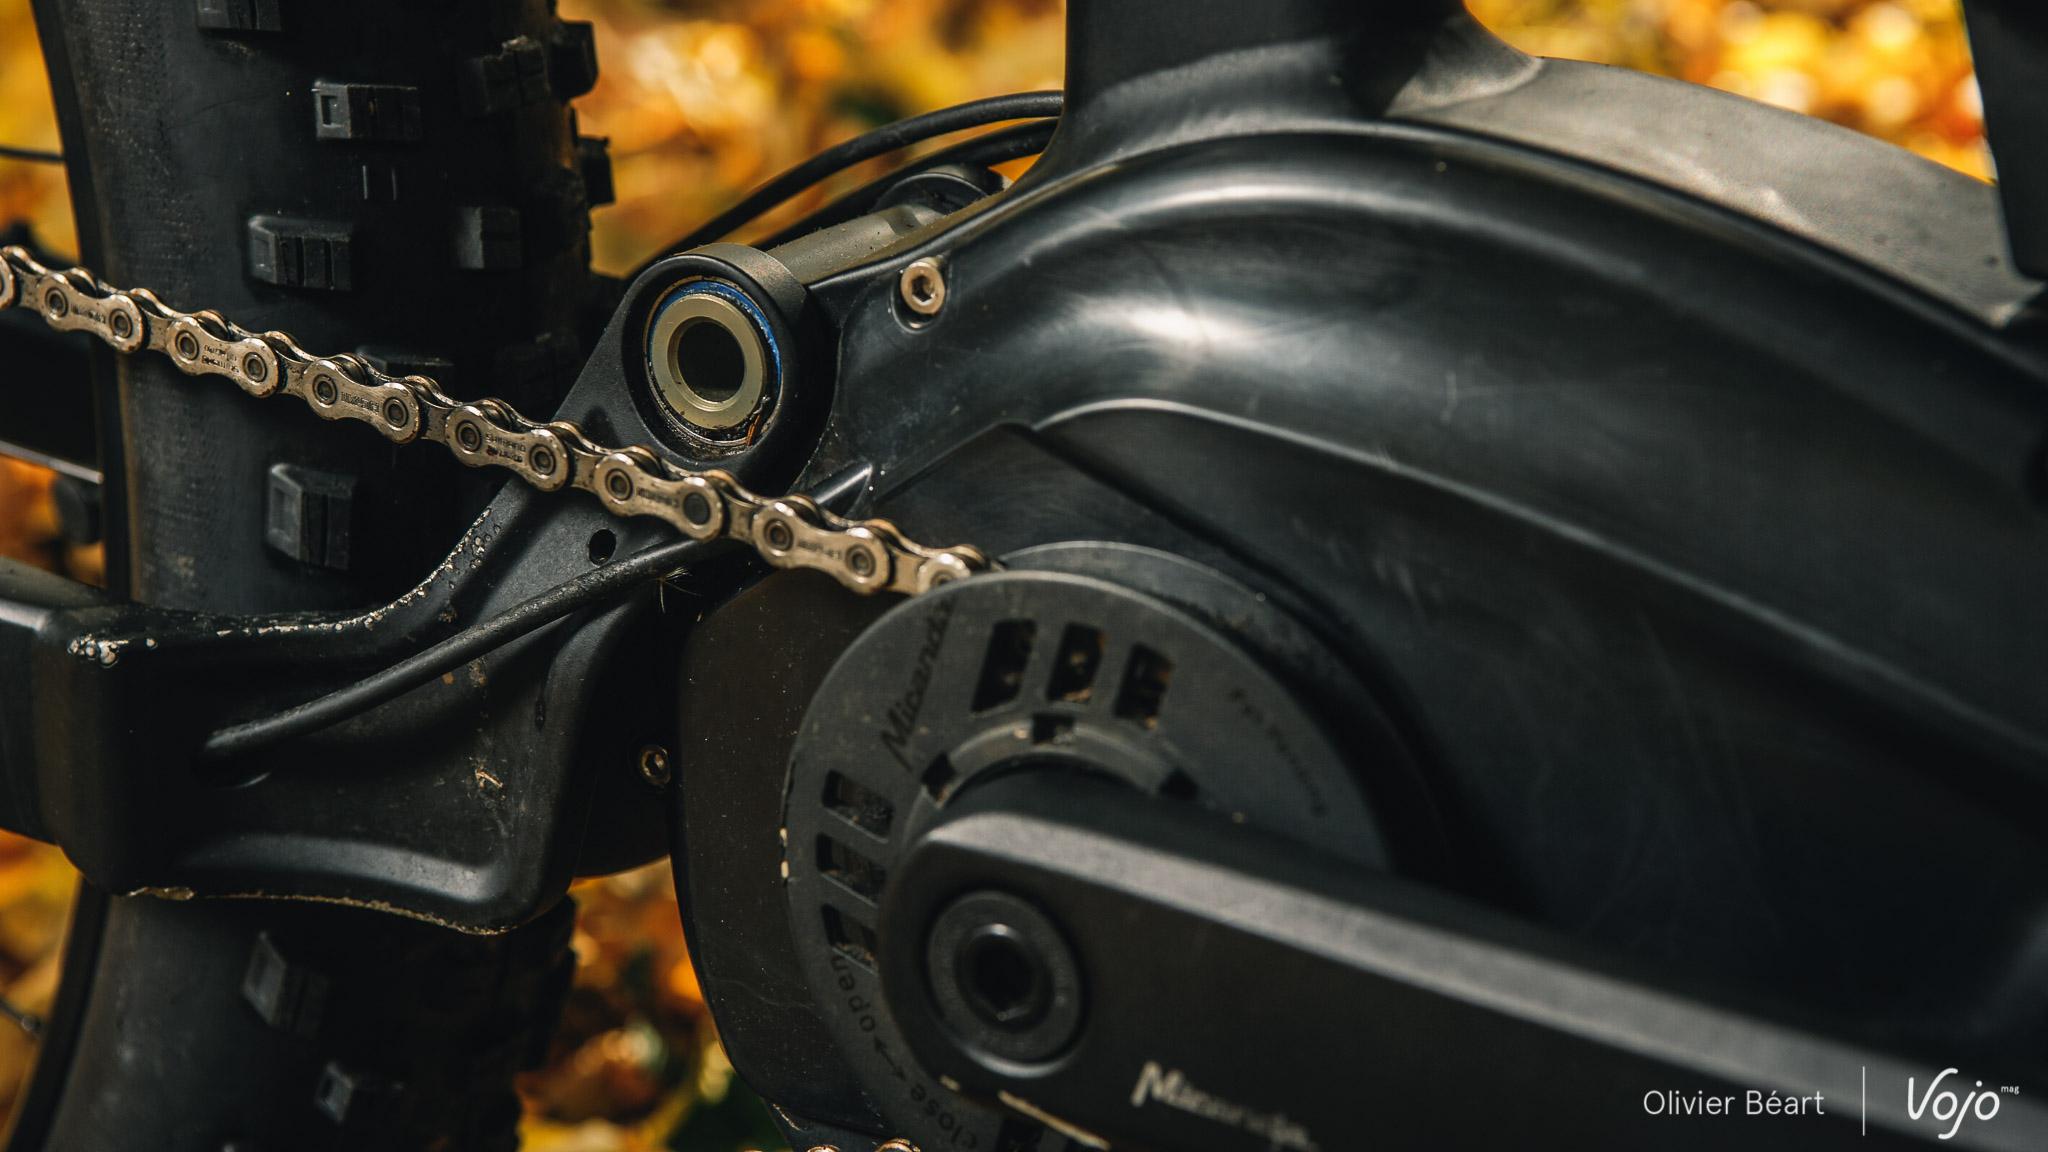 Scott_e_Genius_Test_b_Bicycle_VojoMag-1-3